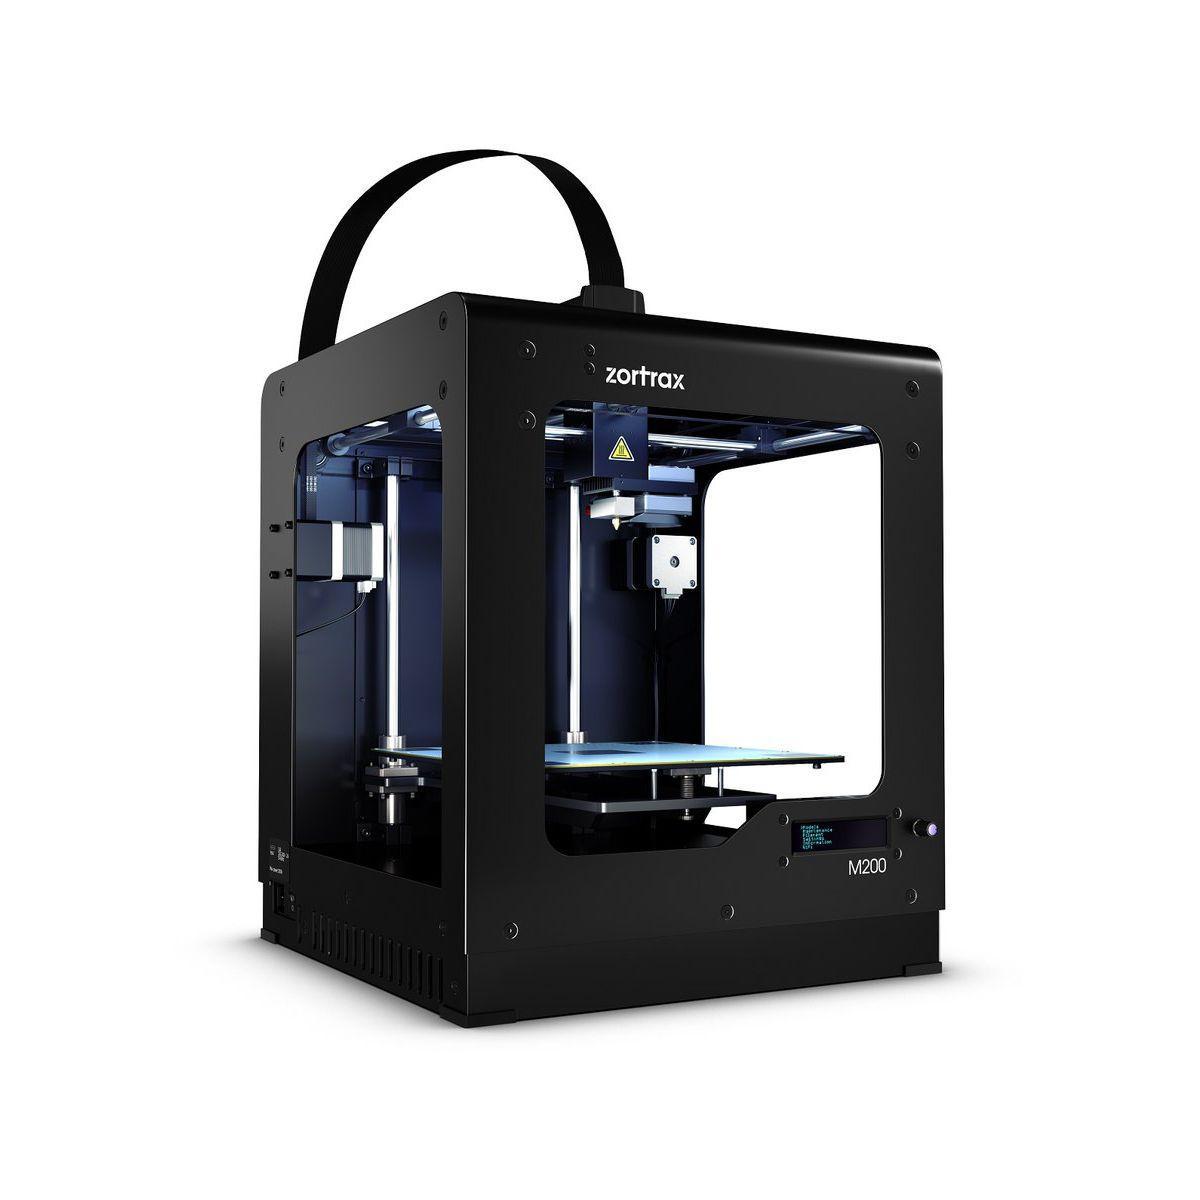 Imprimante 3d zortrax m200 - 2% de remise imm�diate avec le code : paques2 (photo)